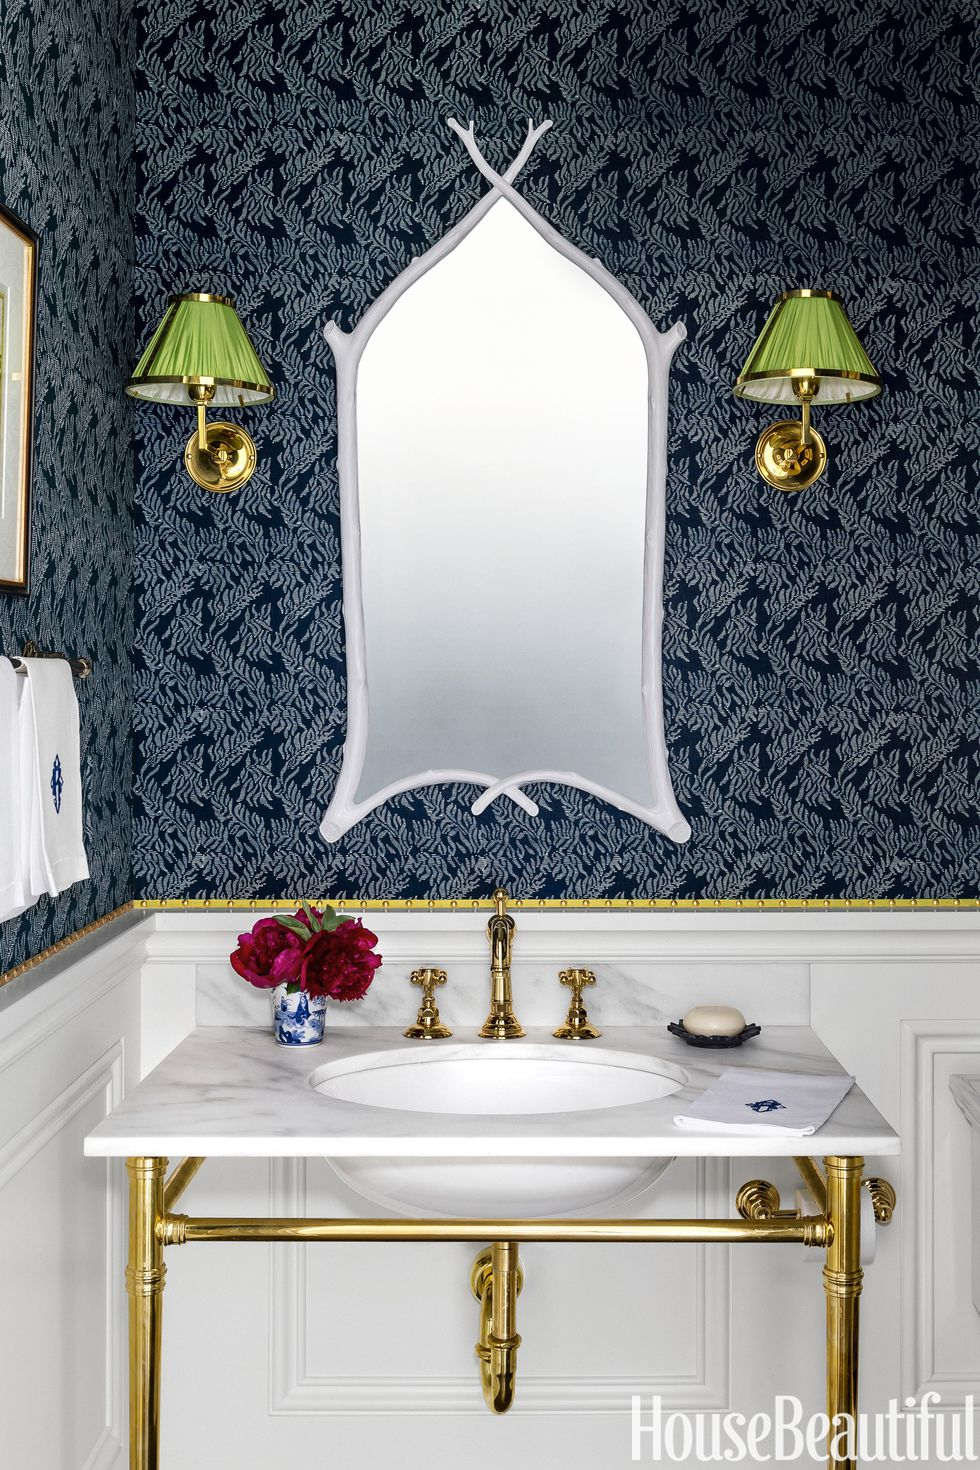 ashley-whittaker-bathroom-0318-1517932409.jpg